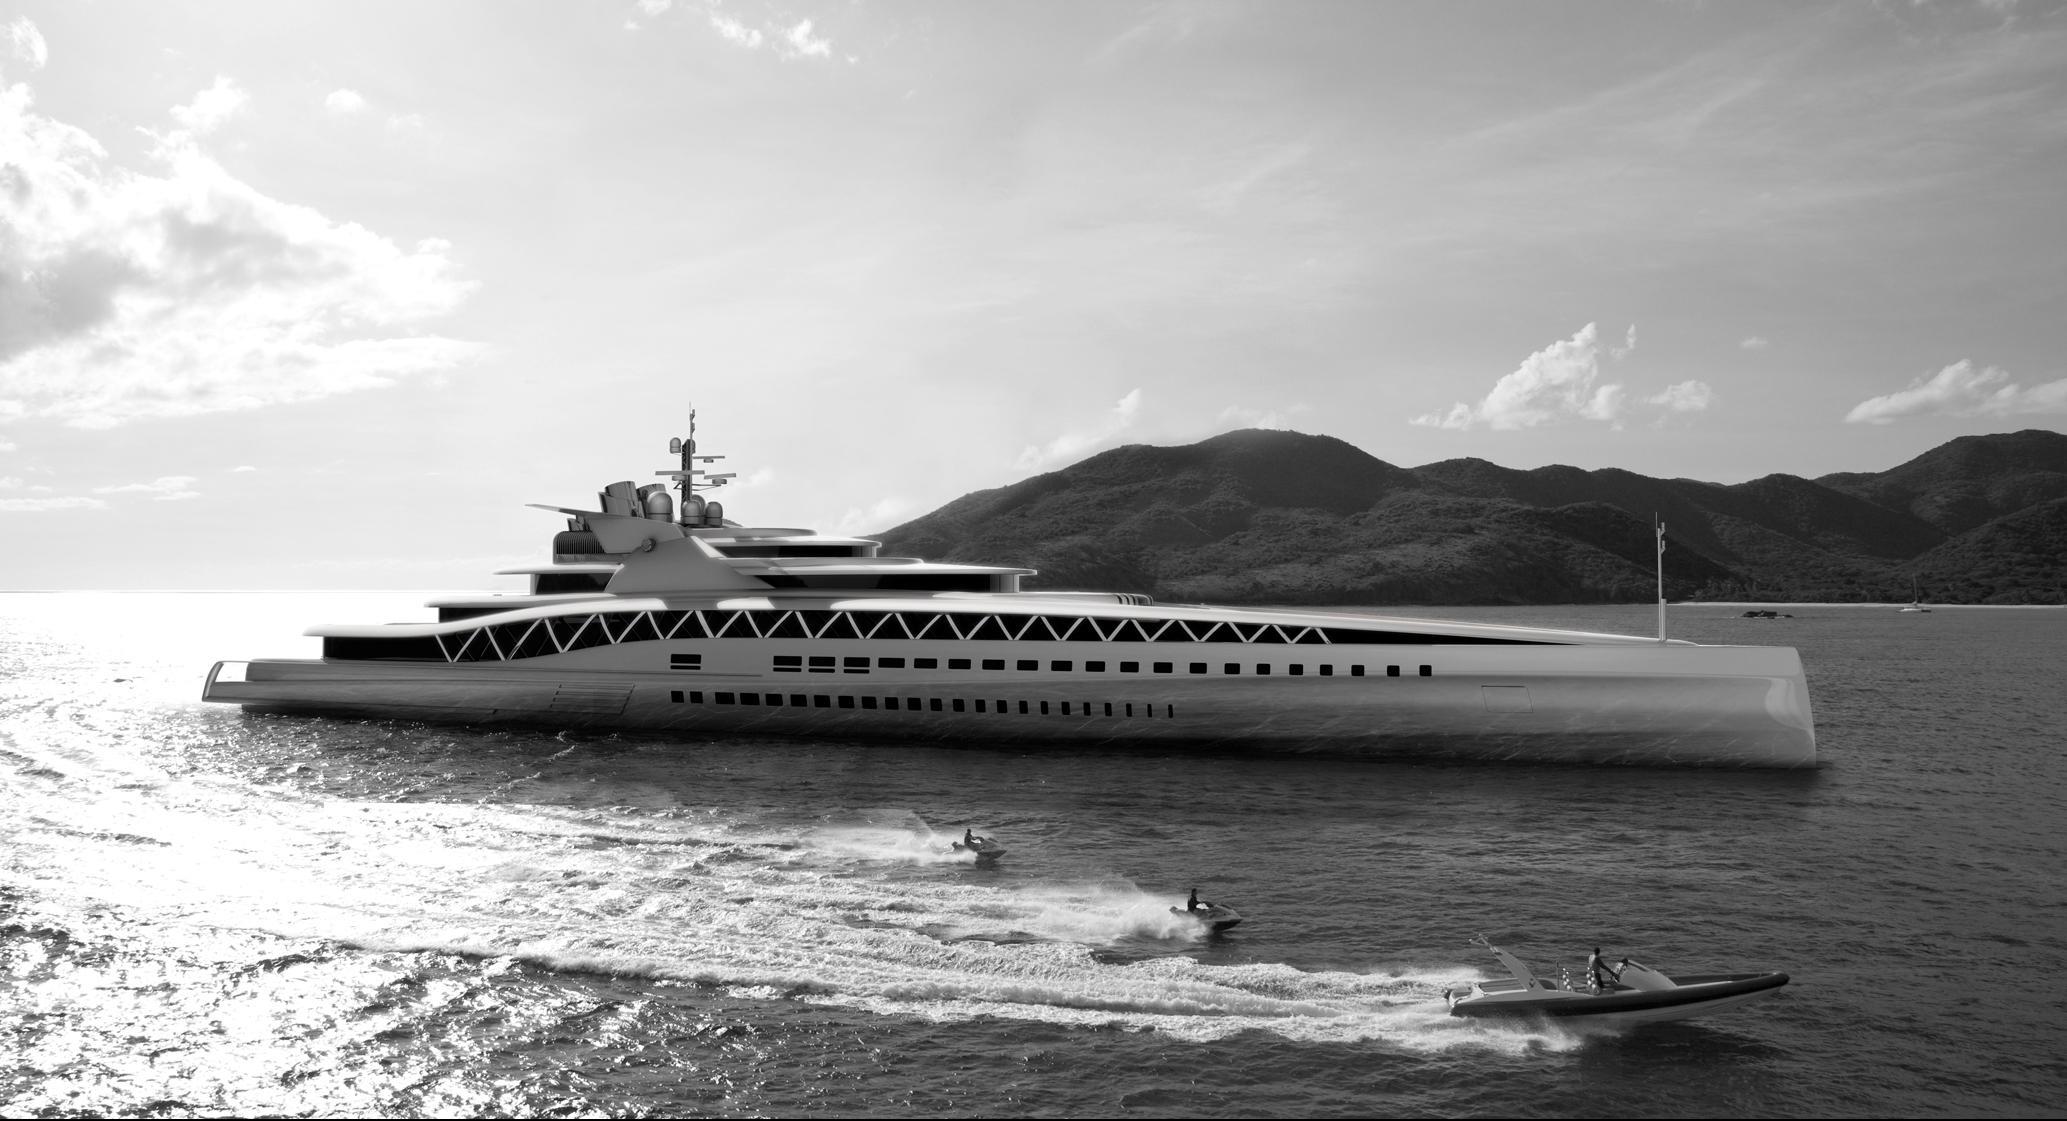 Fincantieri-145m-Fortissimo-superyacht-by-Ken-Freivokh-Design-1